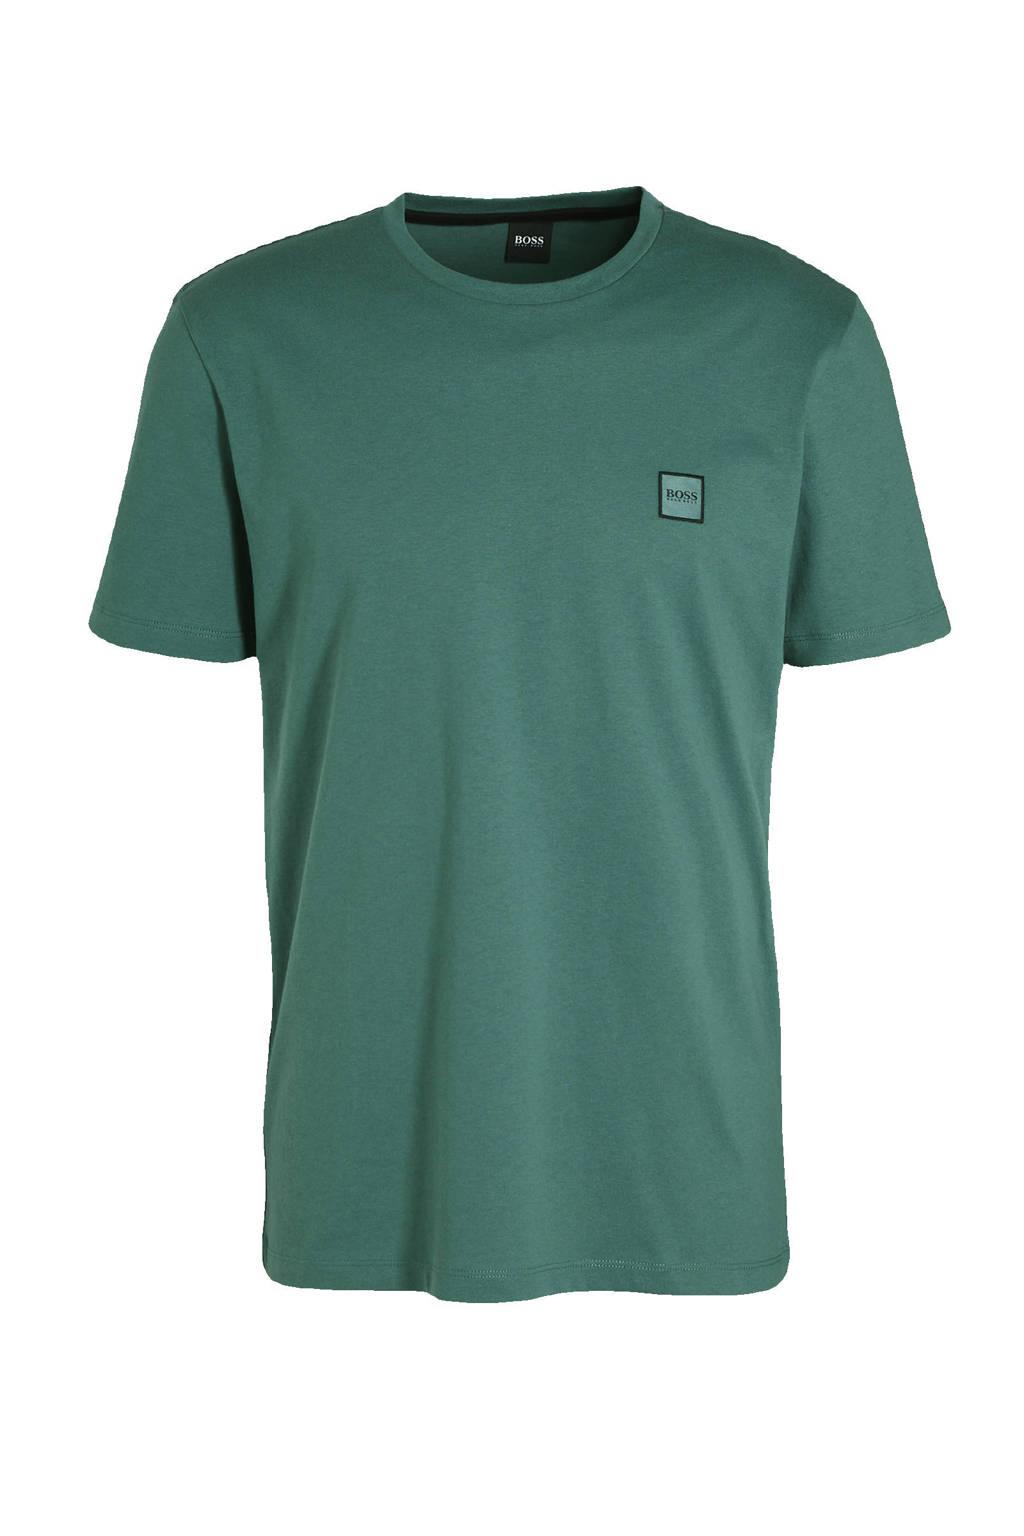 BOSS Casual T-shirt groen, Groen